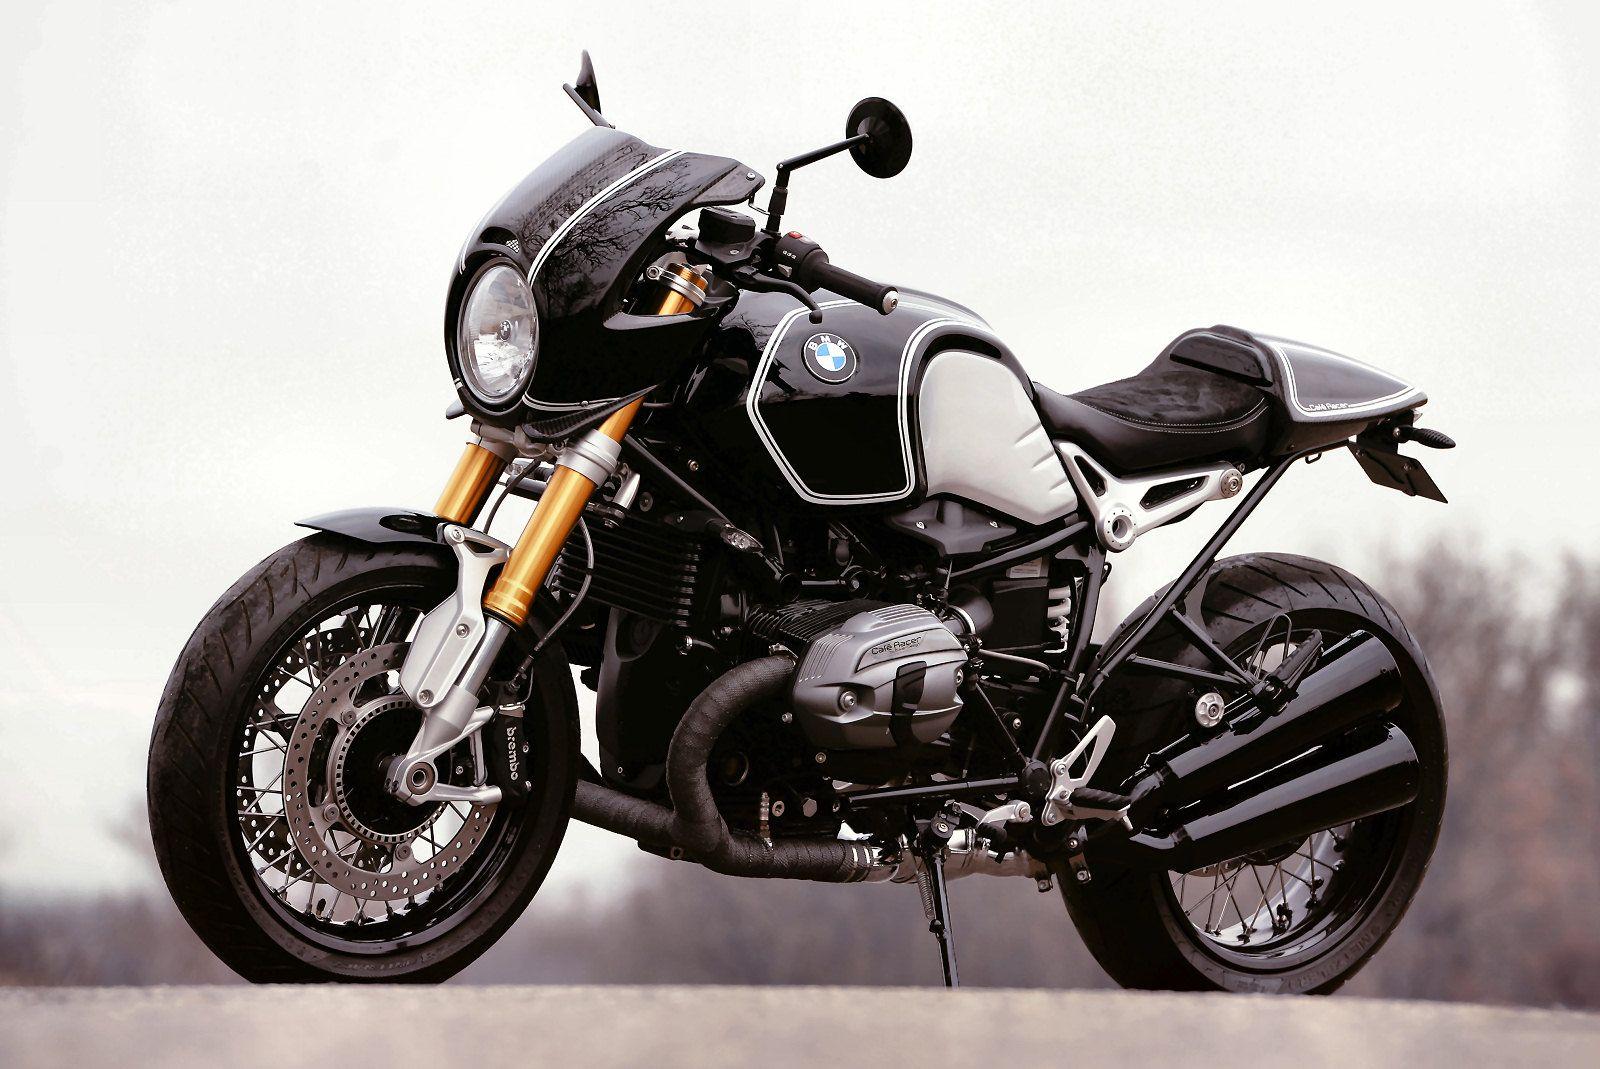 r 1200 nine t cafe racer par boxer design 2015 belle engins pinterest moto moto motard. Black Bedroom Furniture Sets. Home Design Ideas